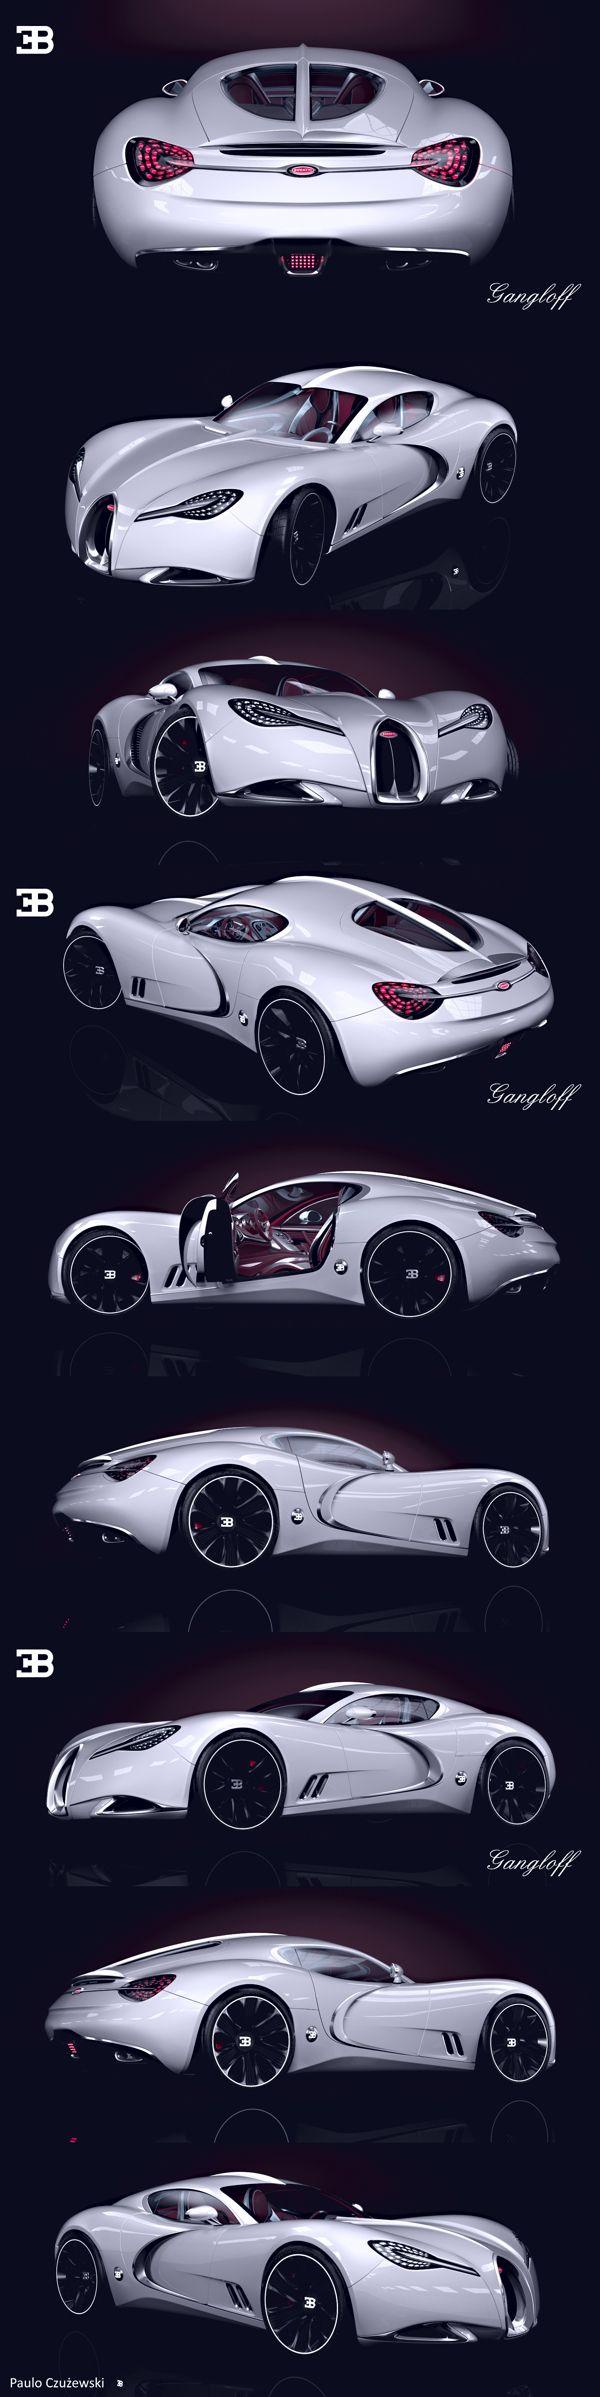 Gangloff Bugatti-Concept Design by Paulo Czyzewski